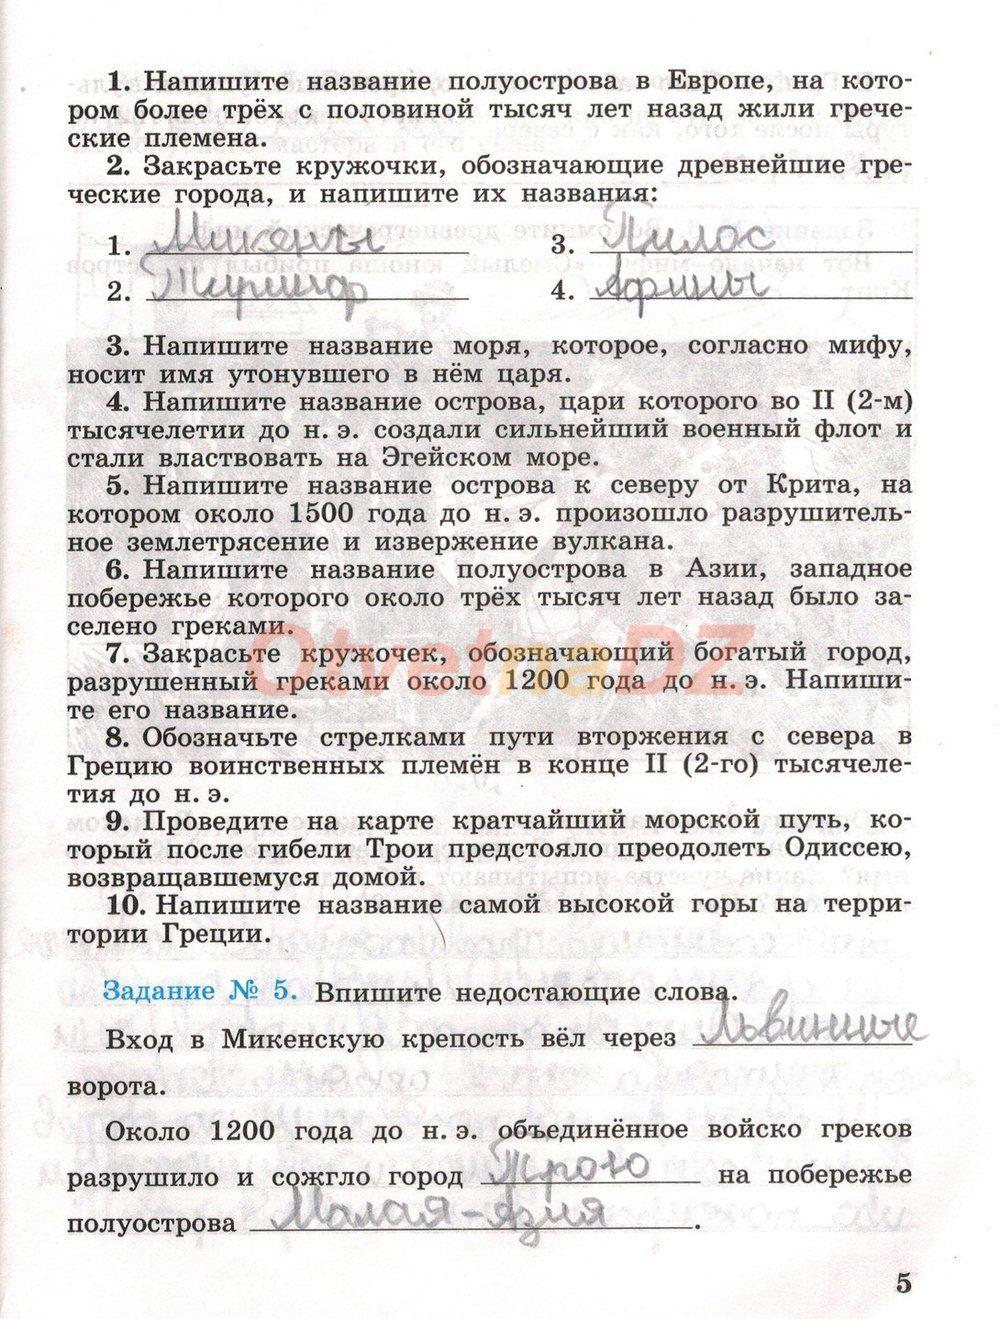 Скачатьторент гдз онлайн по русскому языку 5 класс бунеев